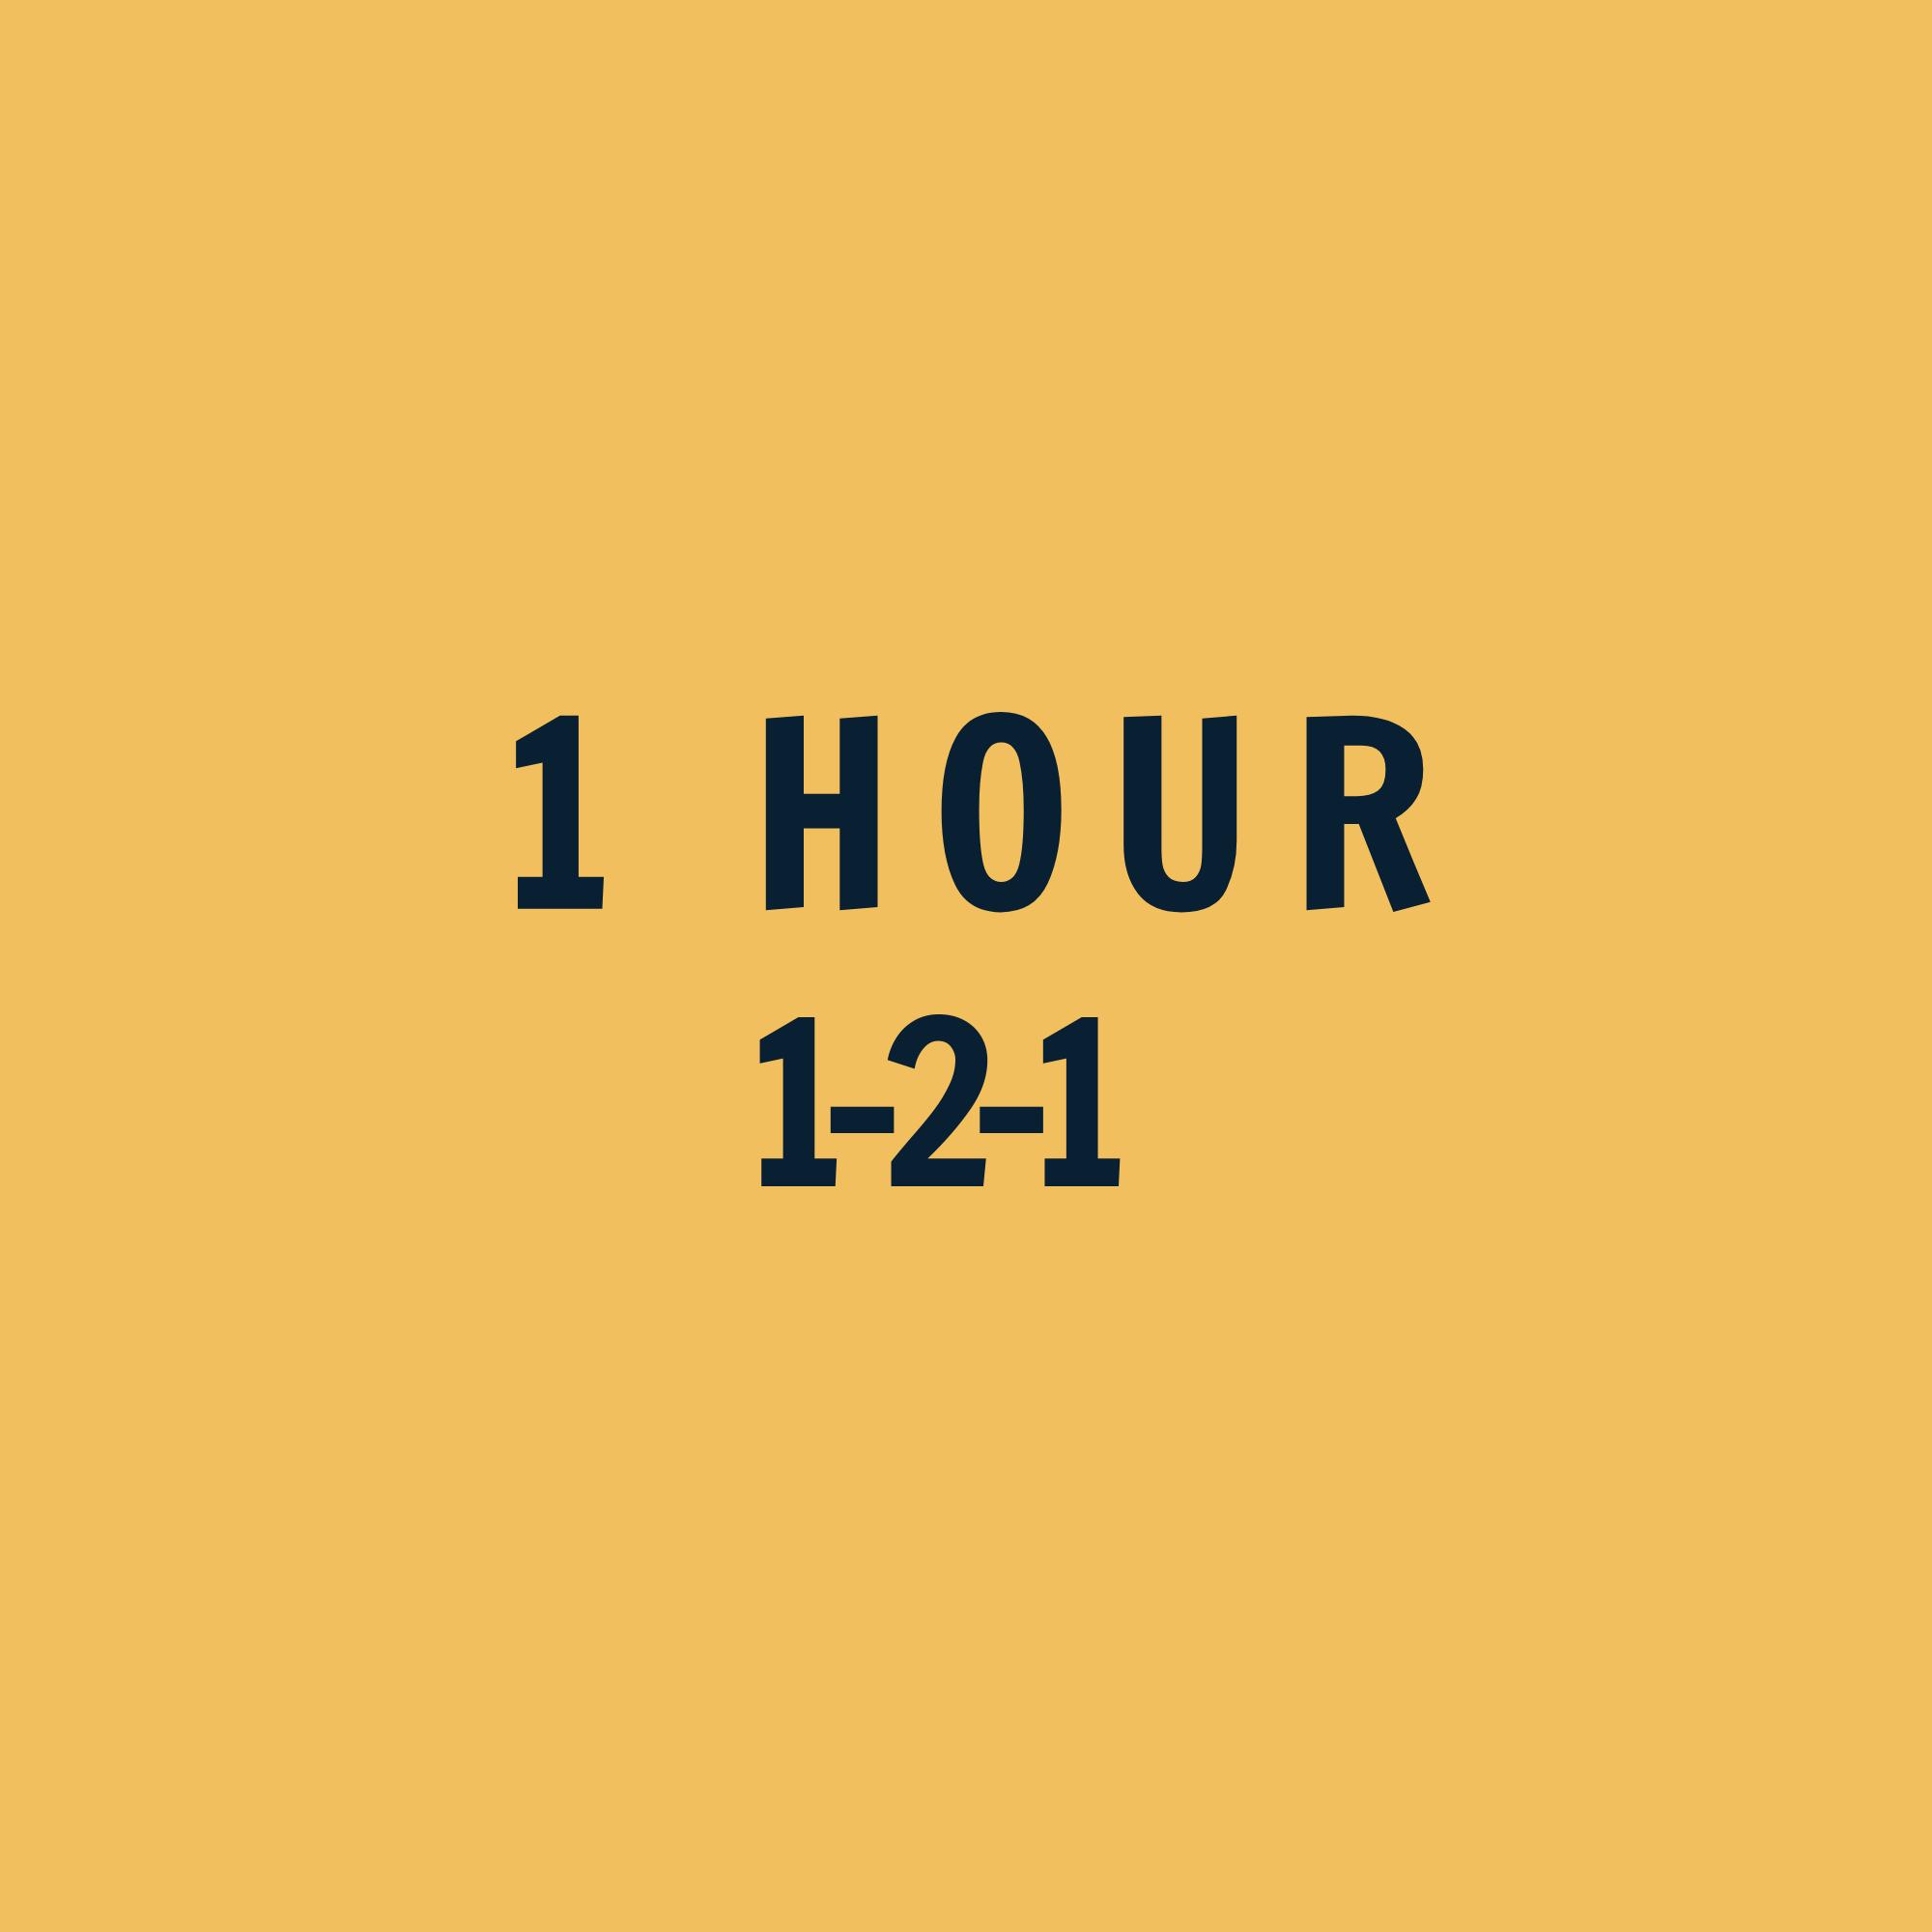 1-2-1 Coaching 1 Hour ($)